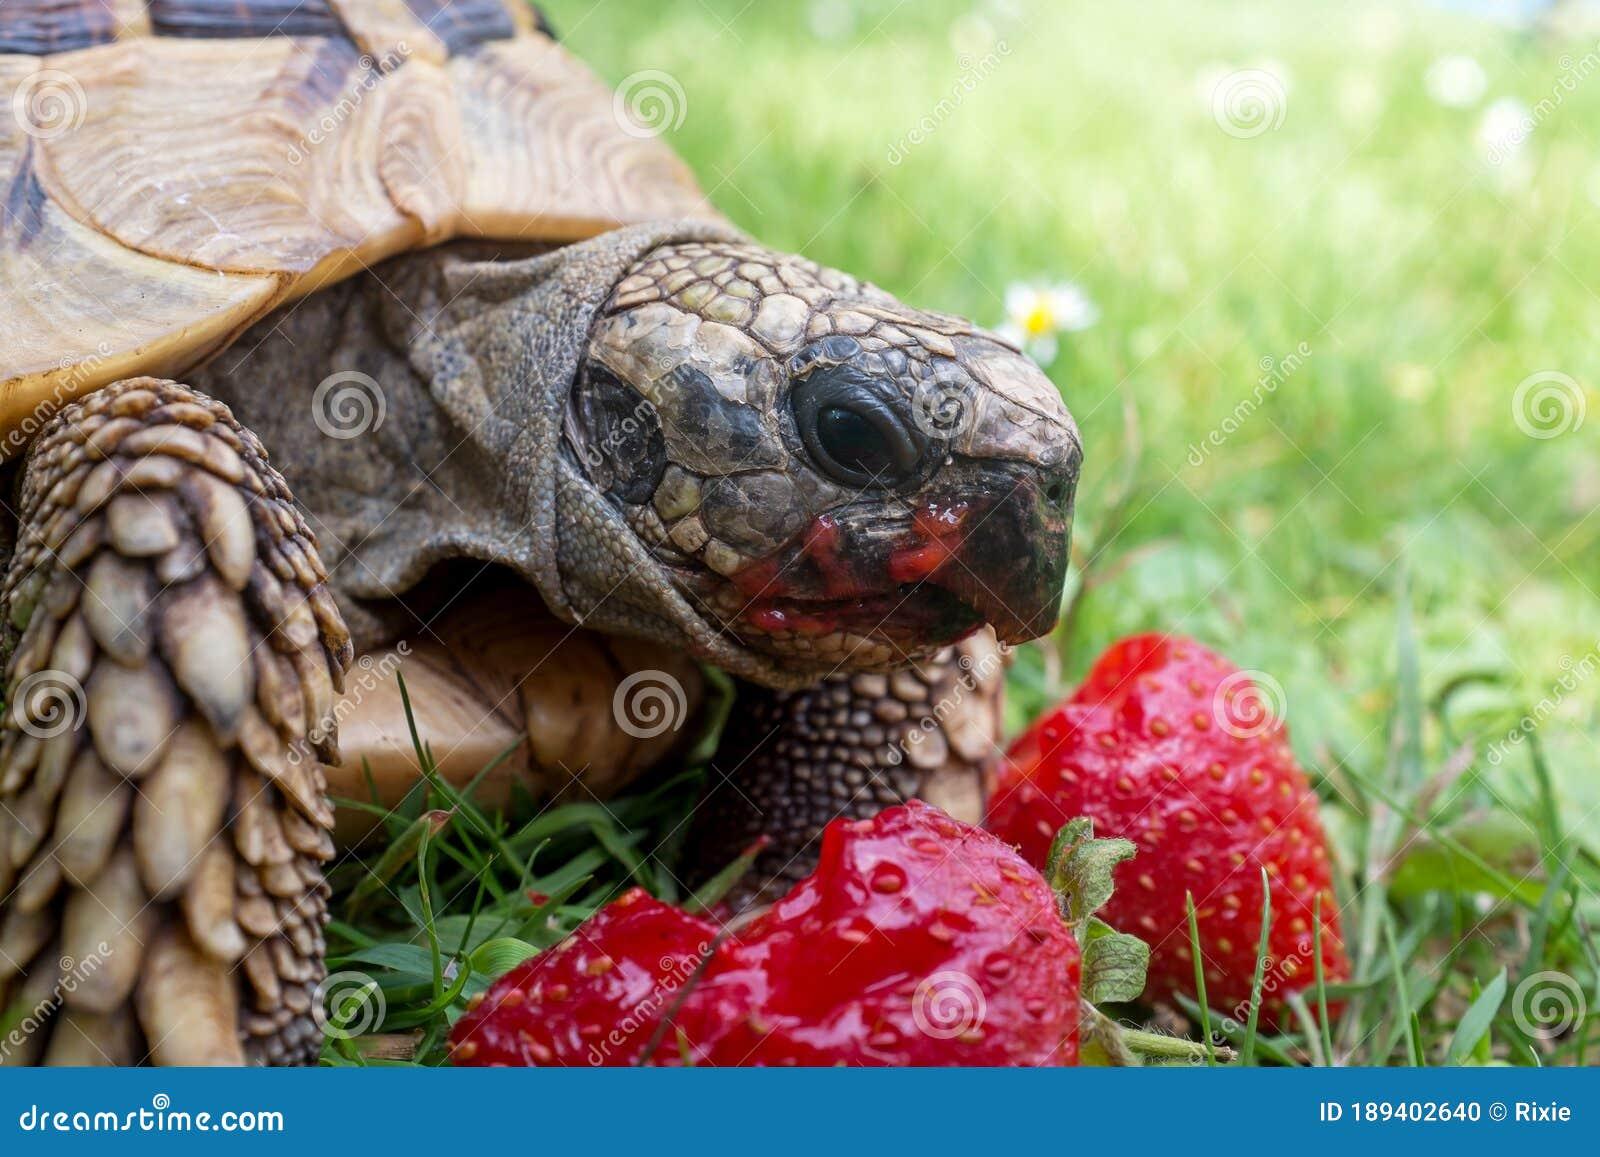 D Tortoise Eating Strawberries Art Print Home Decor Wall Art Poster